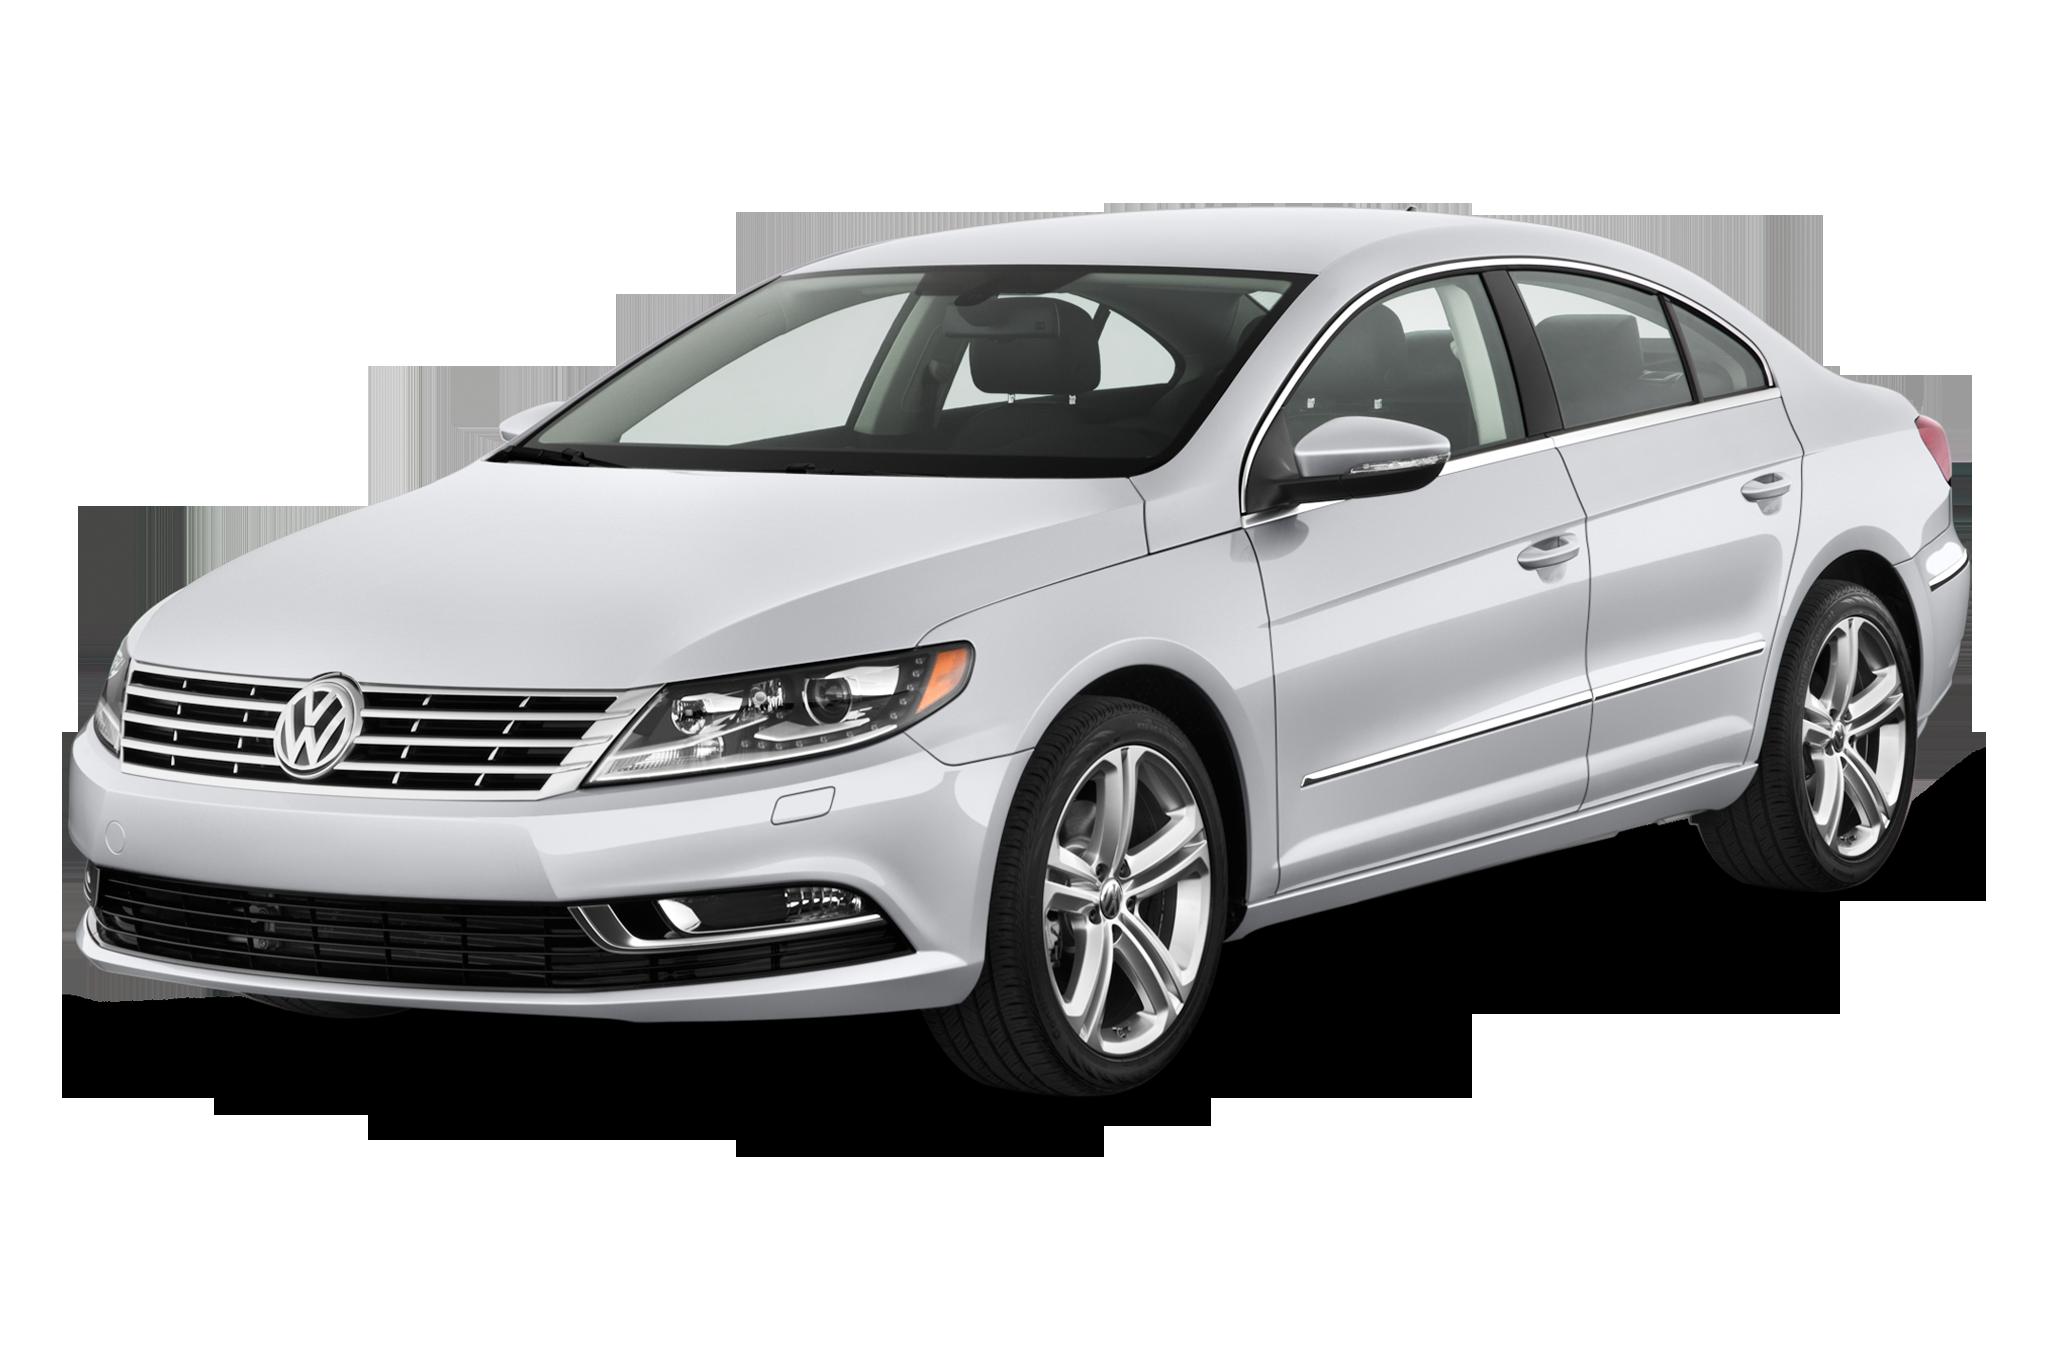 Report Next Gen Volkswagen Cc Under Development